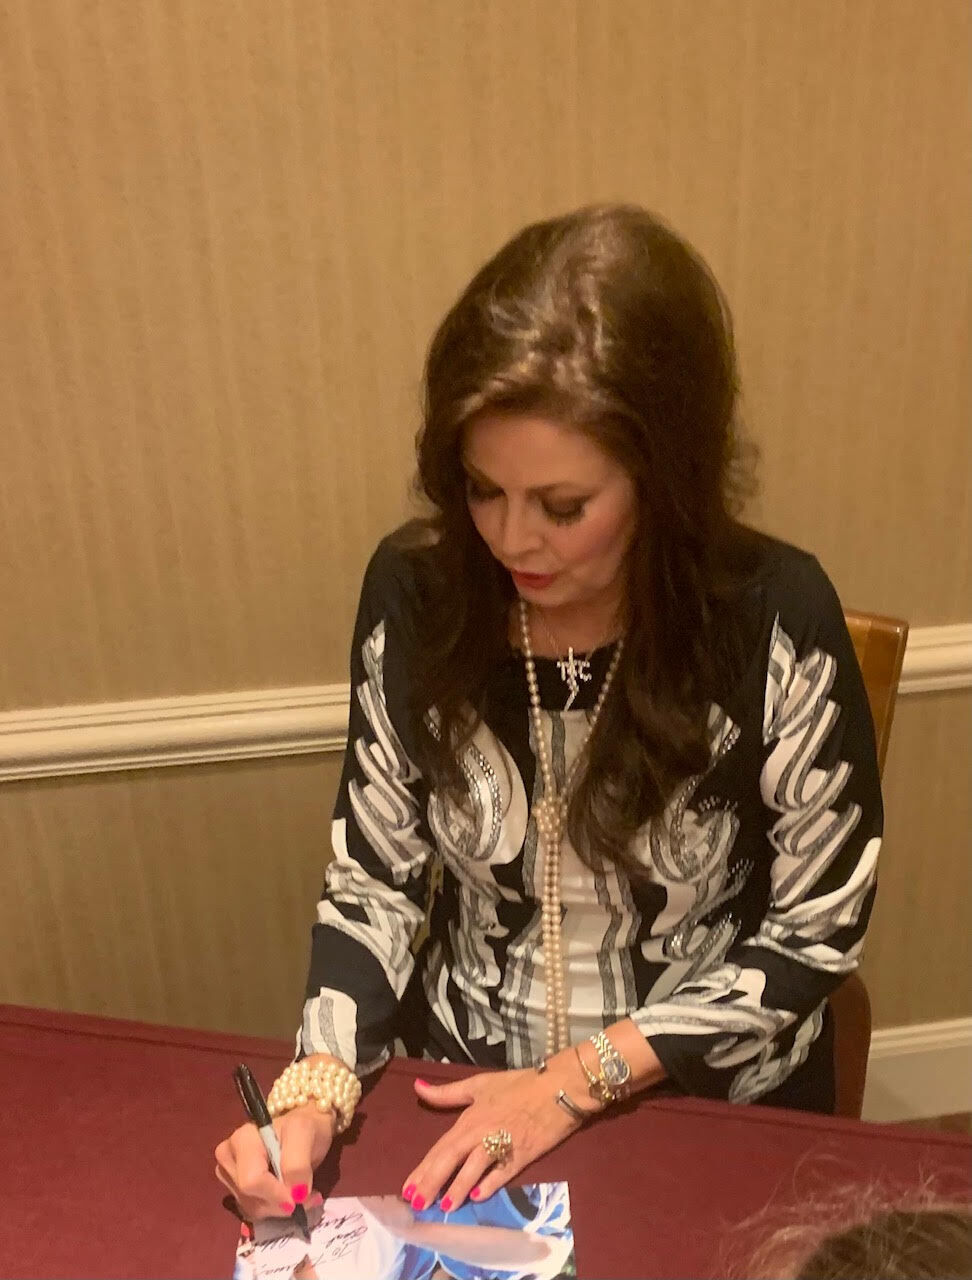 Ginger Alden autographs